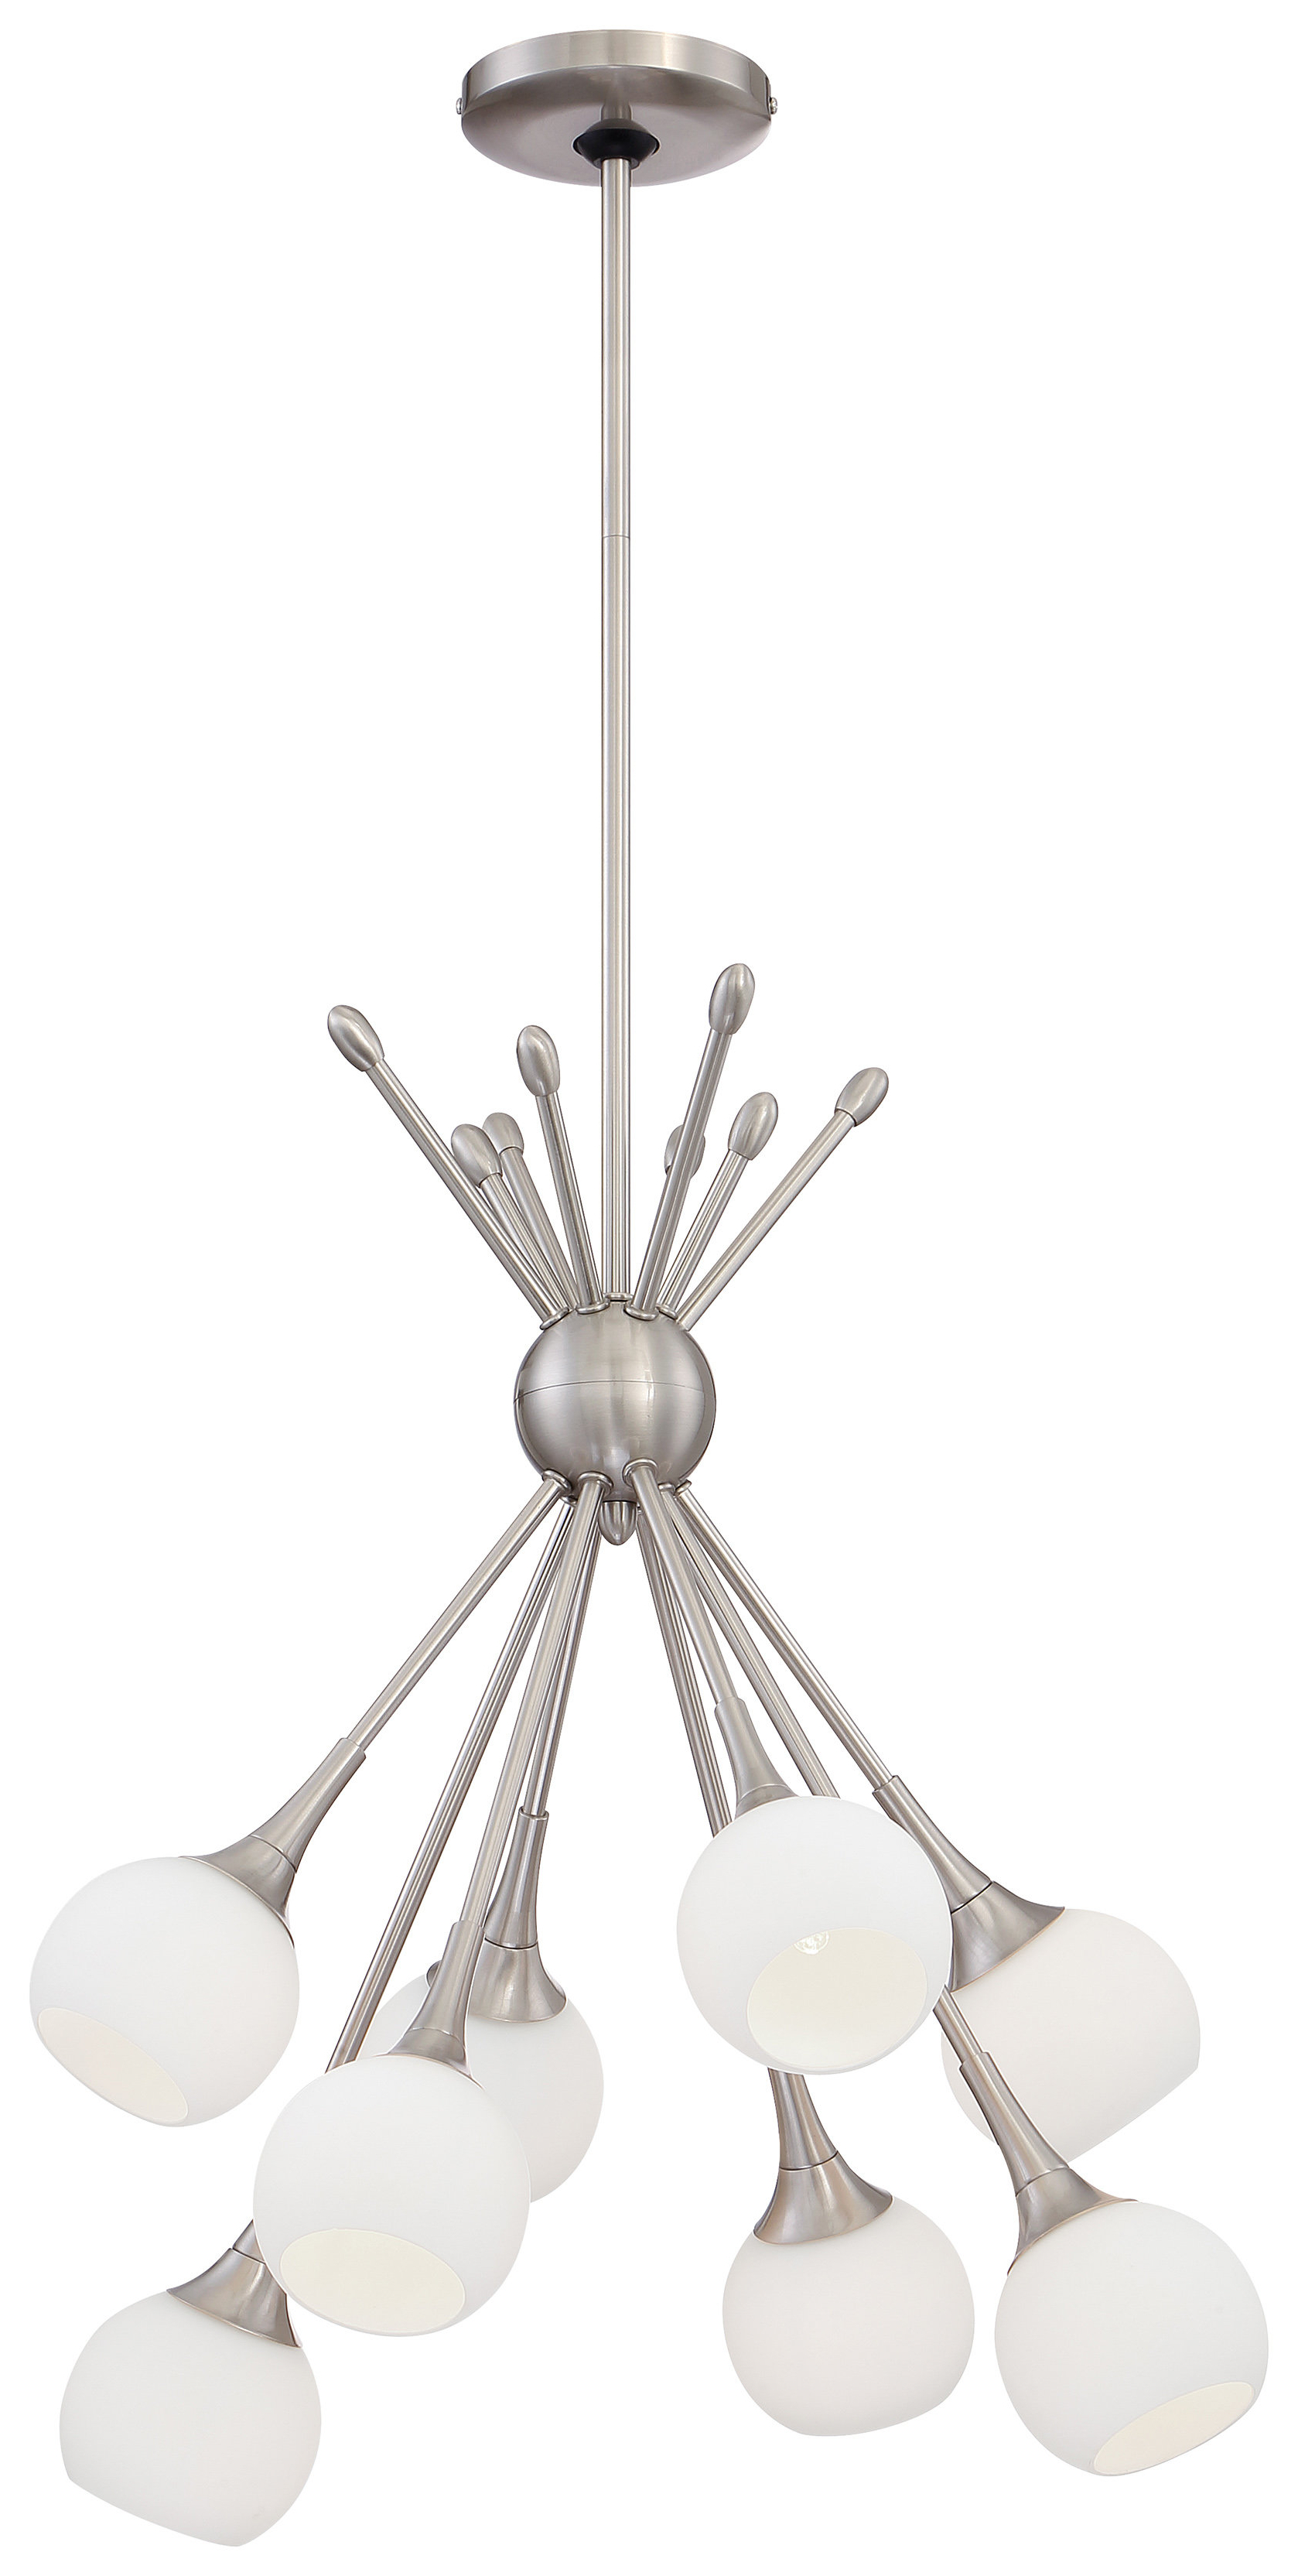 Silvia 6 Light Sputnik Chandeliers Intended For Favorite Silvia 8 Light Chandelier (View 15 of 25)